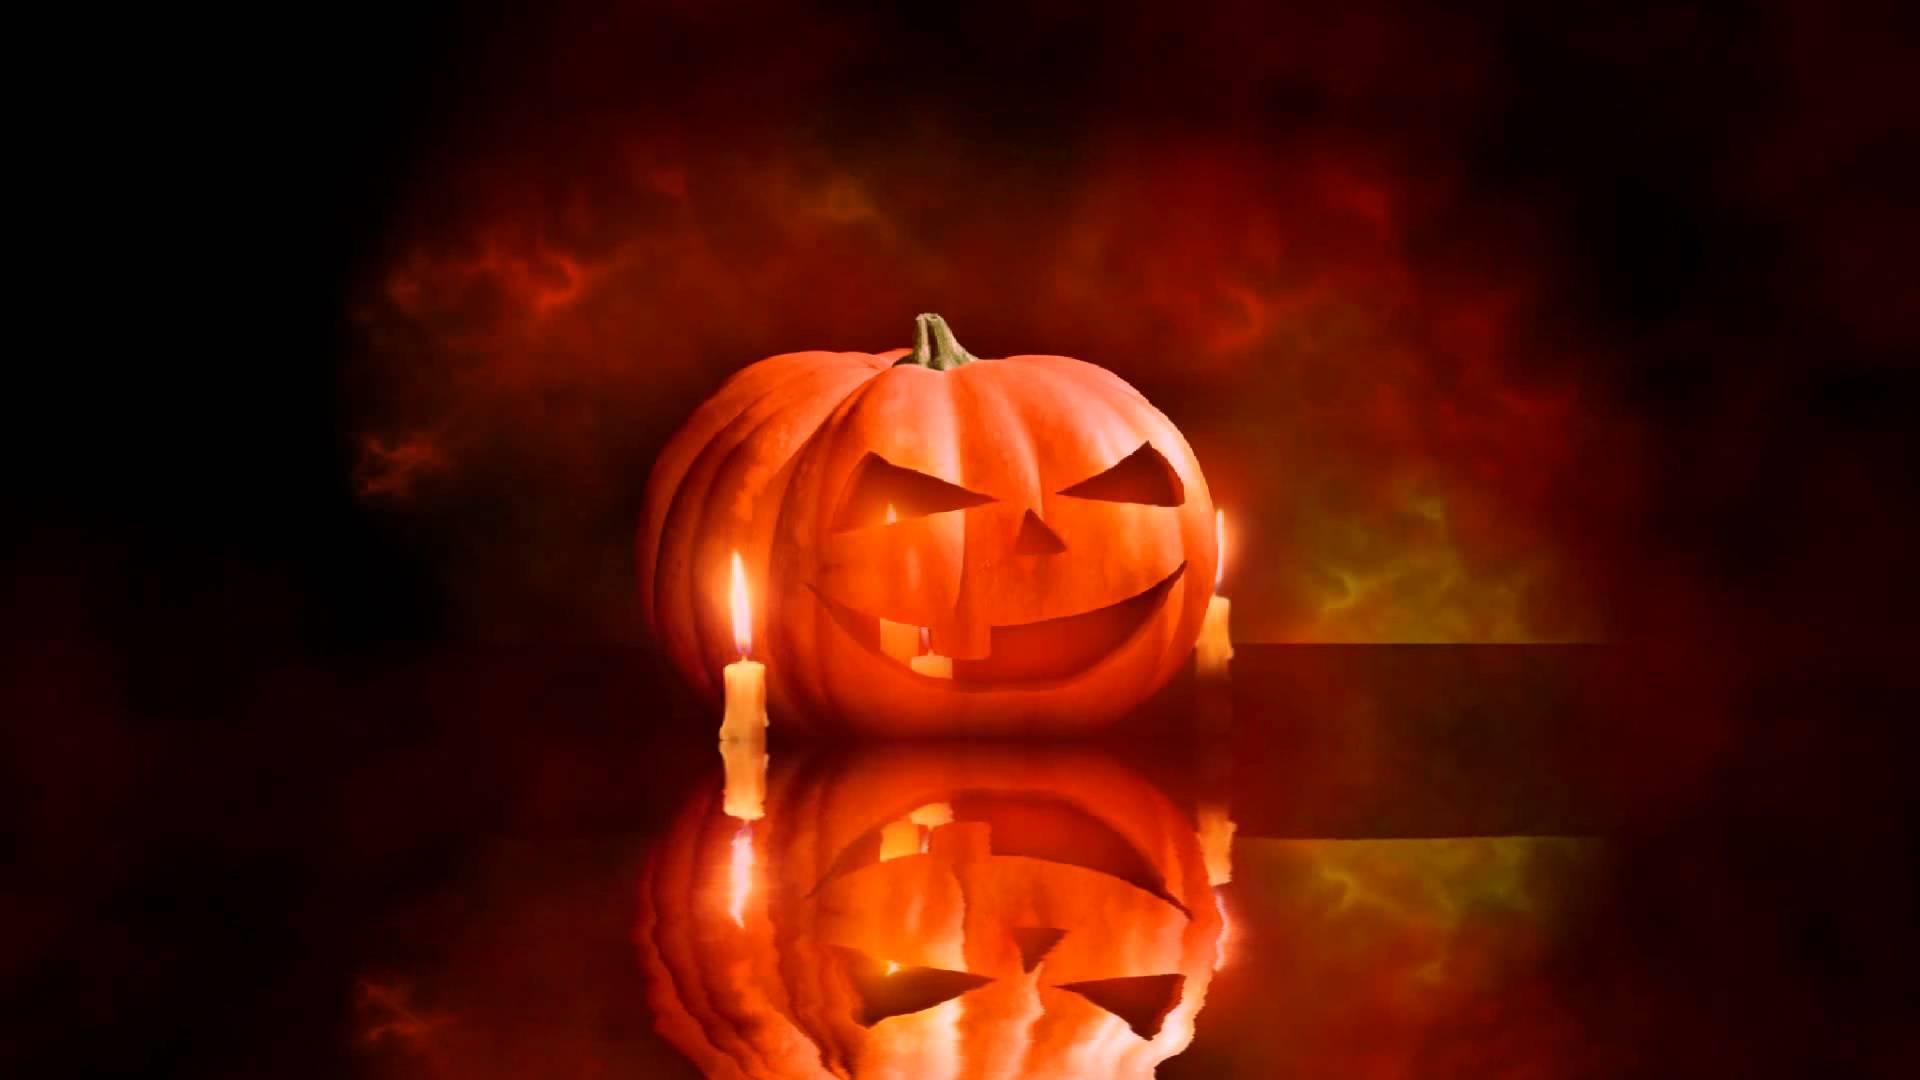 Halloween Animated Wallpaper http://www desktopanimated com - YouTube